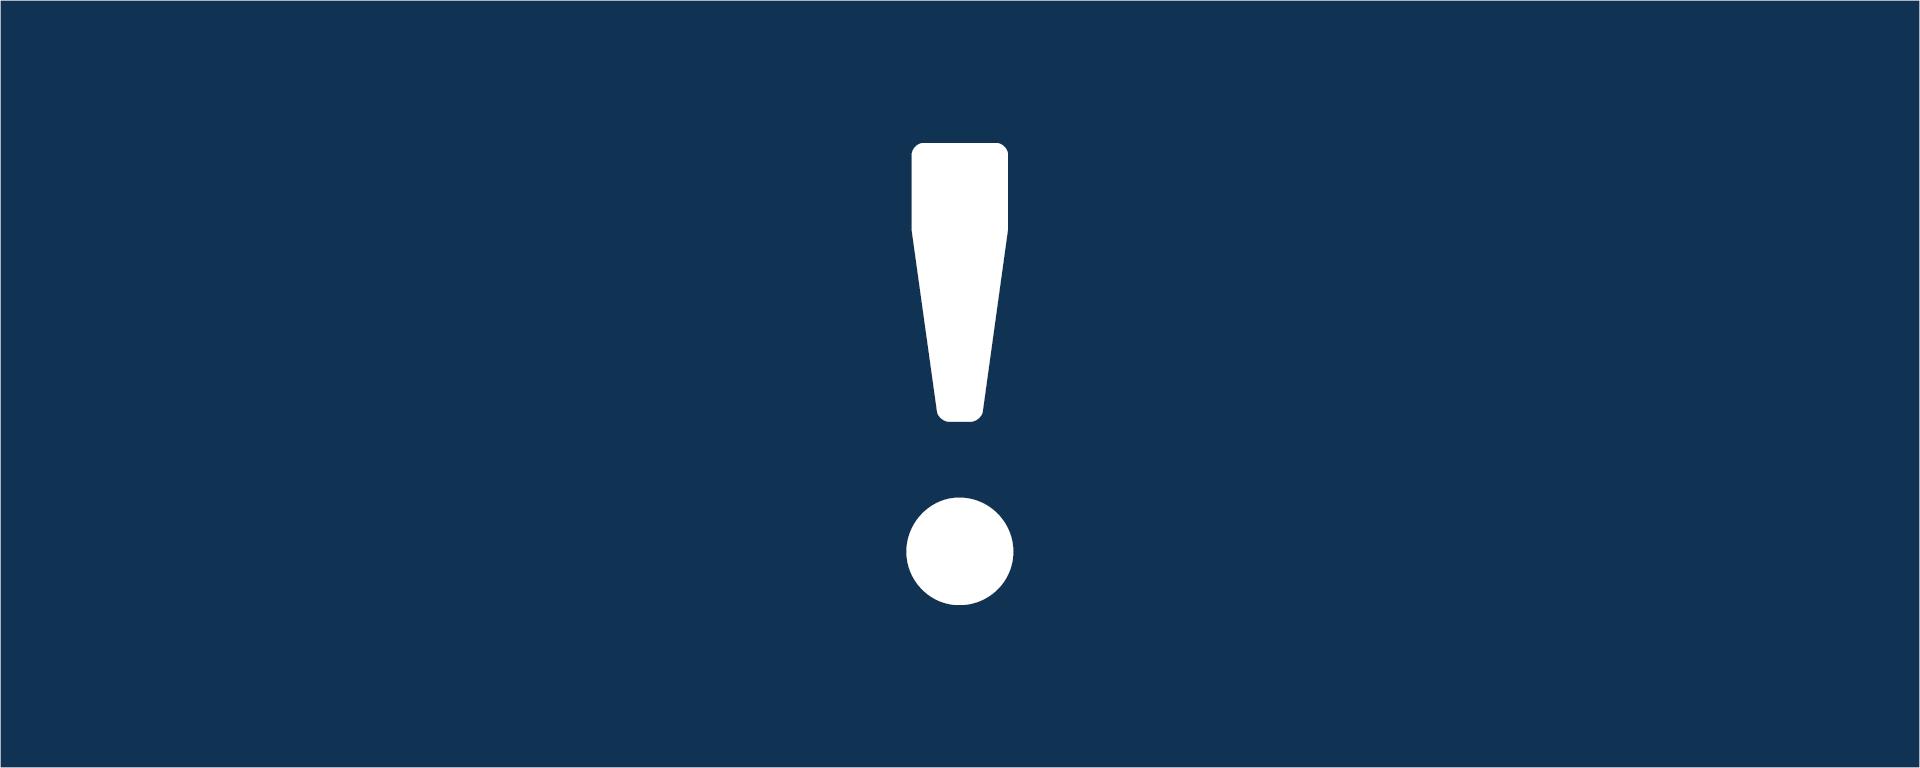 Pancarta de un icono de exclamación blanco sobre fondo azul marino.